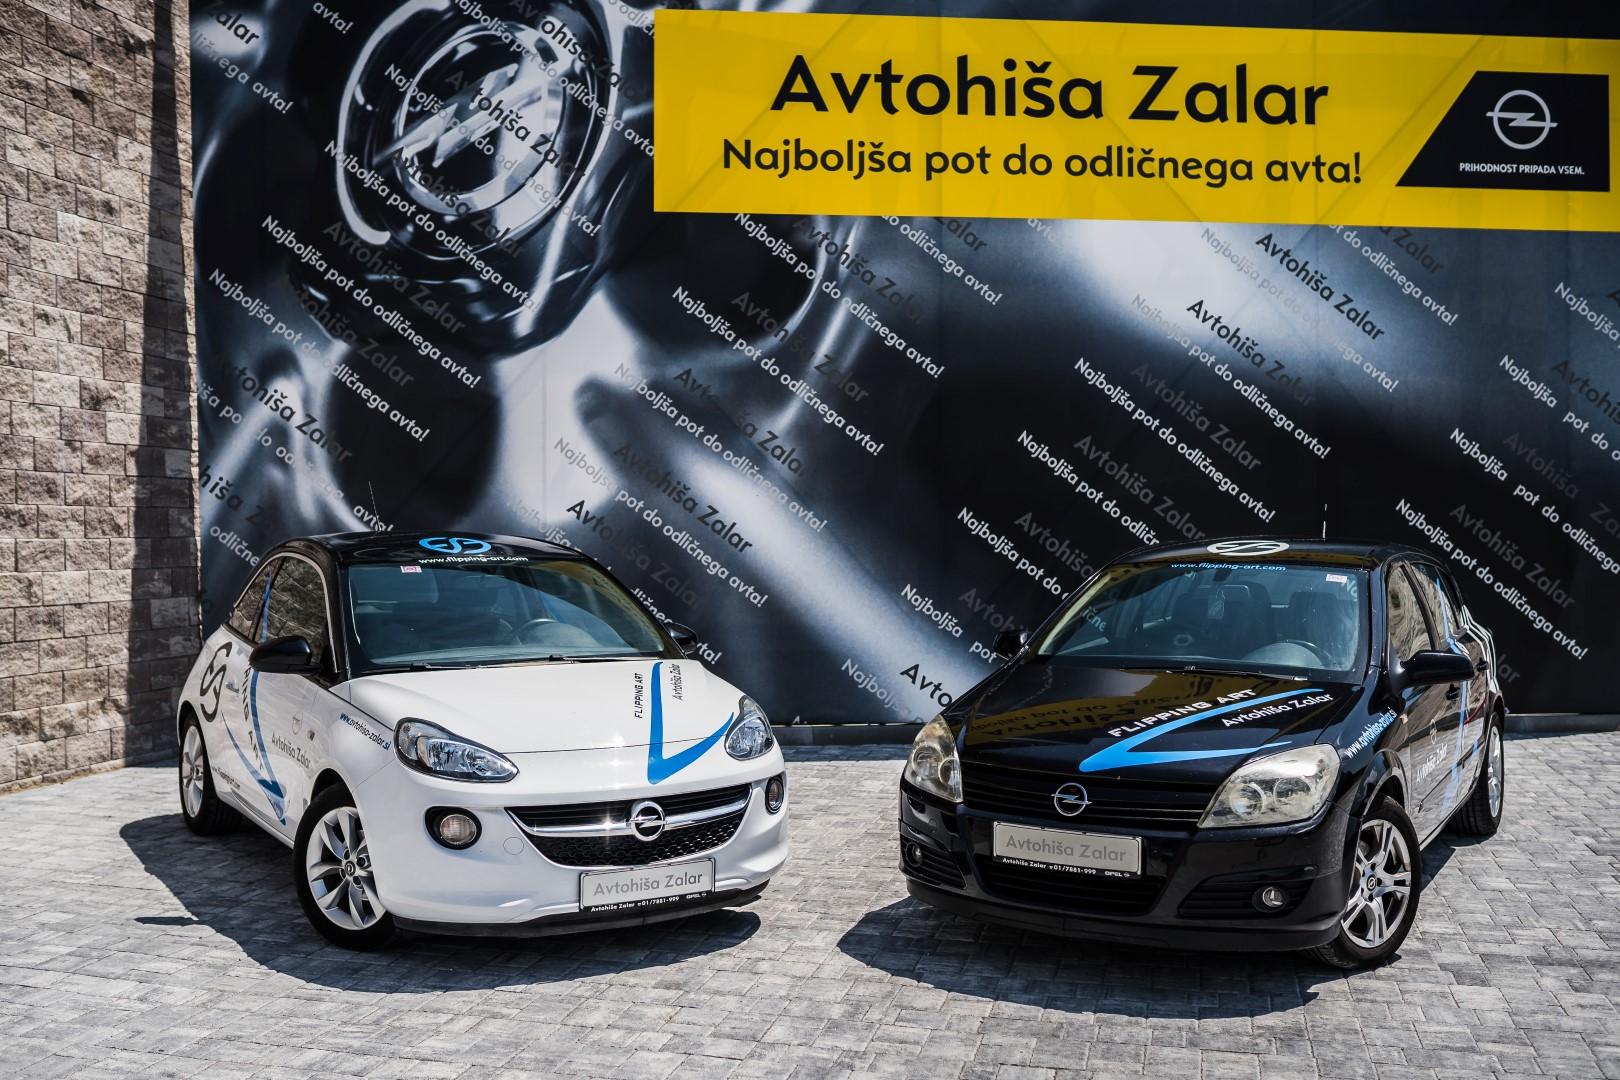 avtohisa-zalar-flipping-art-z-roko-v-roki-opel-adam-tim-nuc-luka-avgustin-simona-zalar-ciril-sponzorsko-vozilo (25)